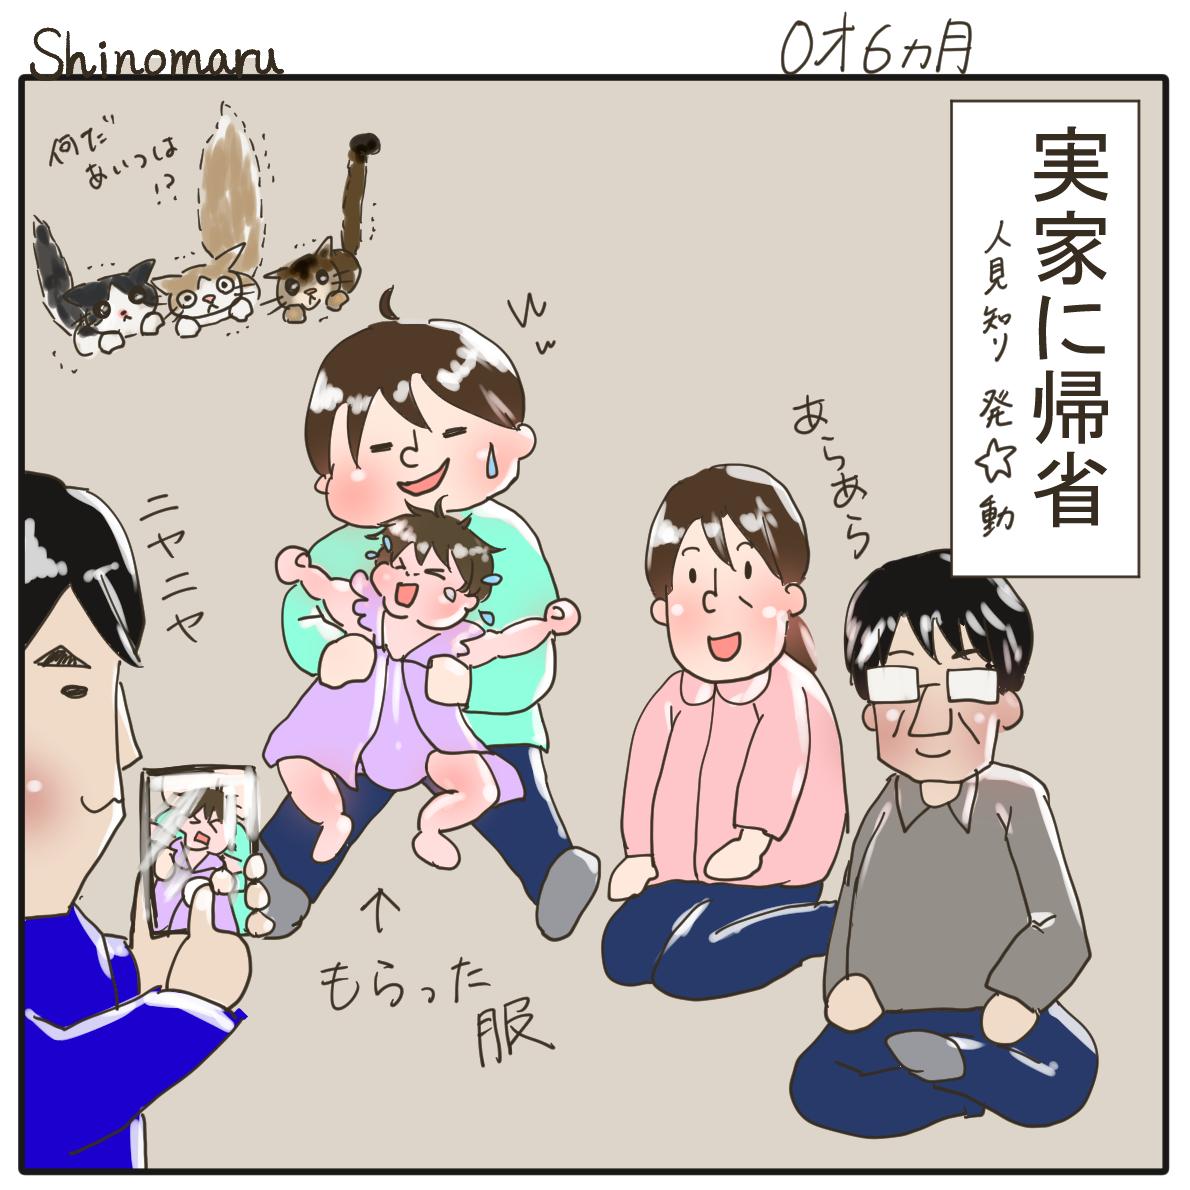 f:id:Shinomaru:20210510223011p:plain